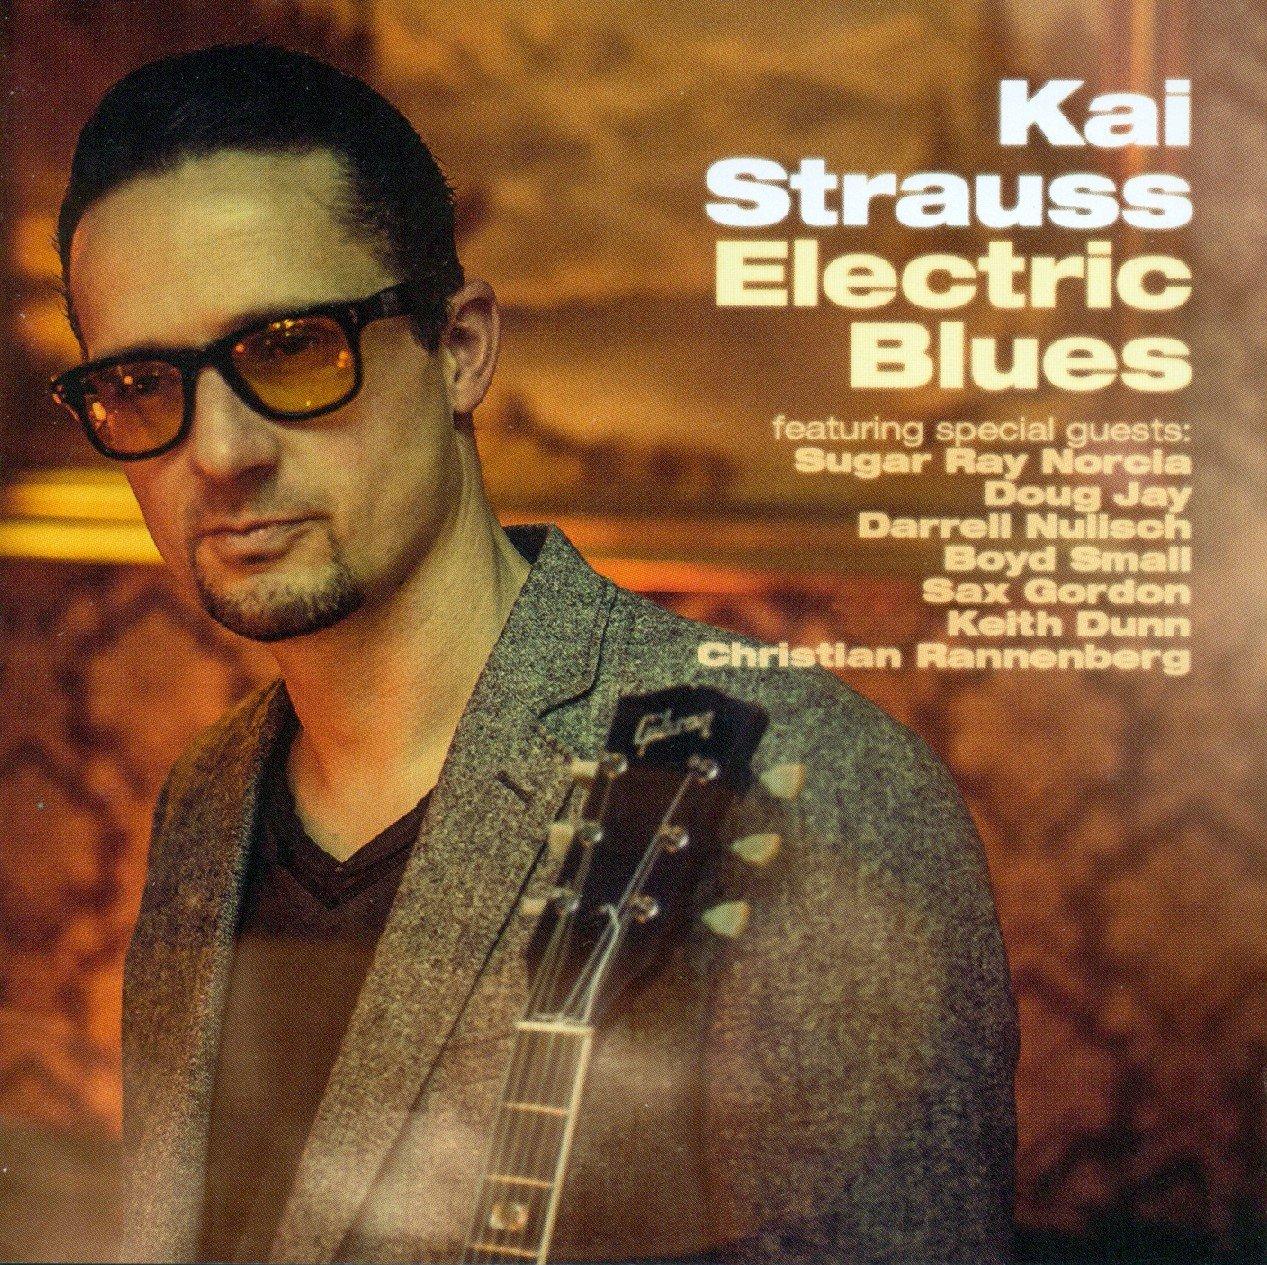 KAI STRAUSS - ELECTRIC BLUES 91Xc9WzoJZL._SL1267_